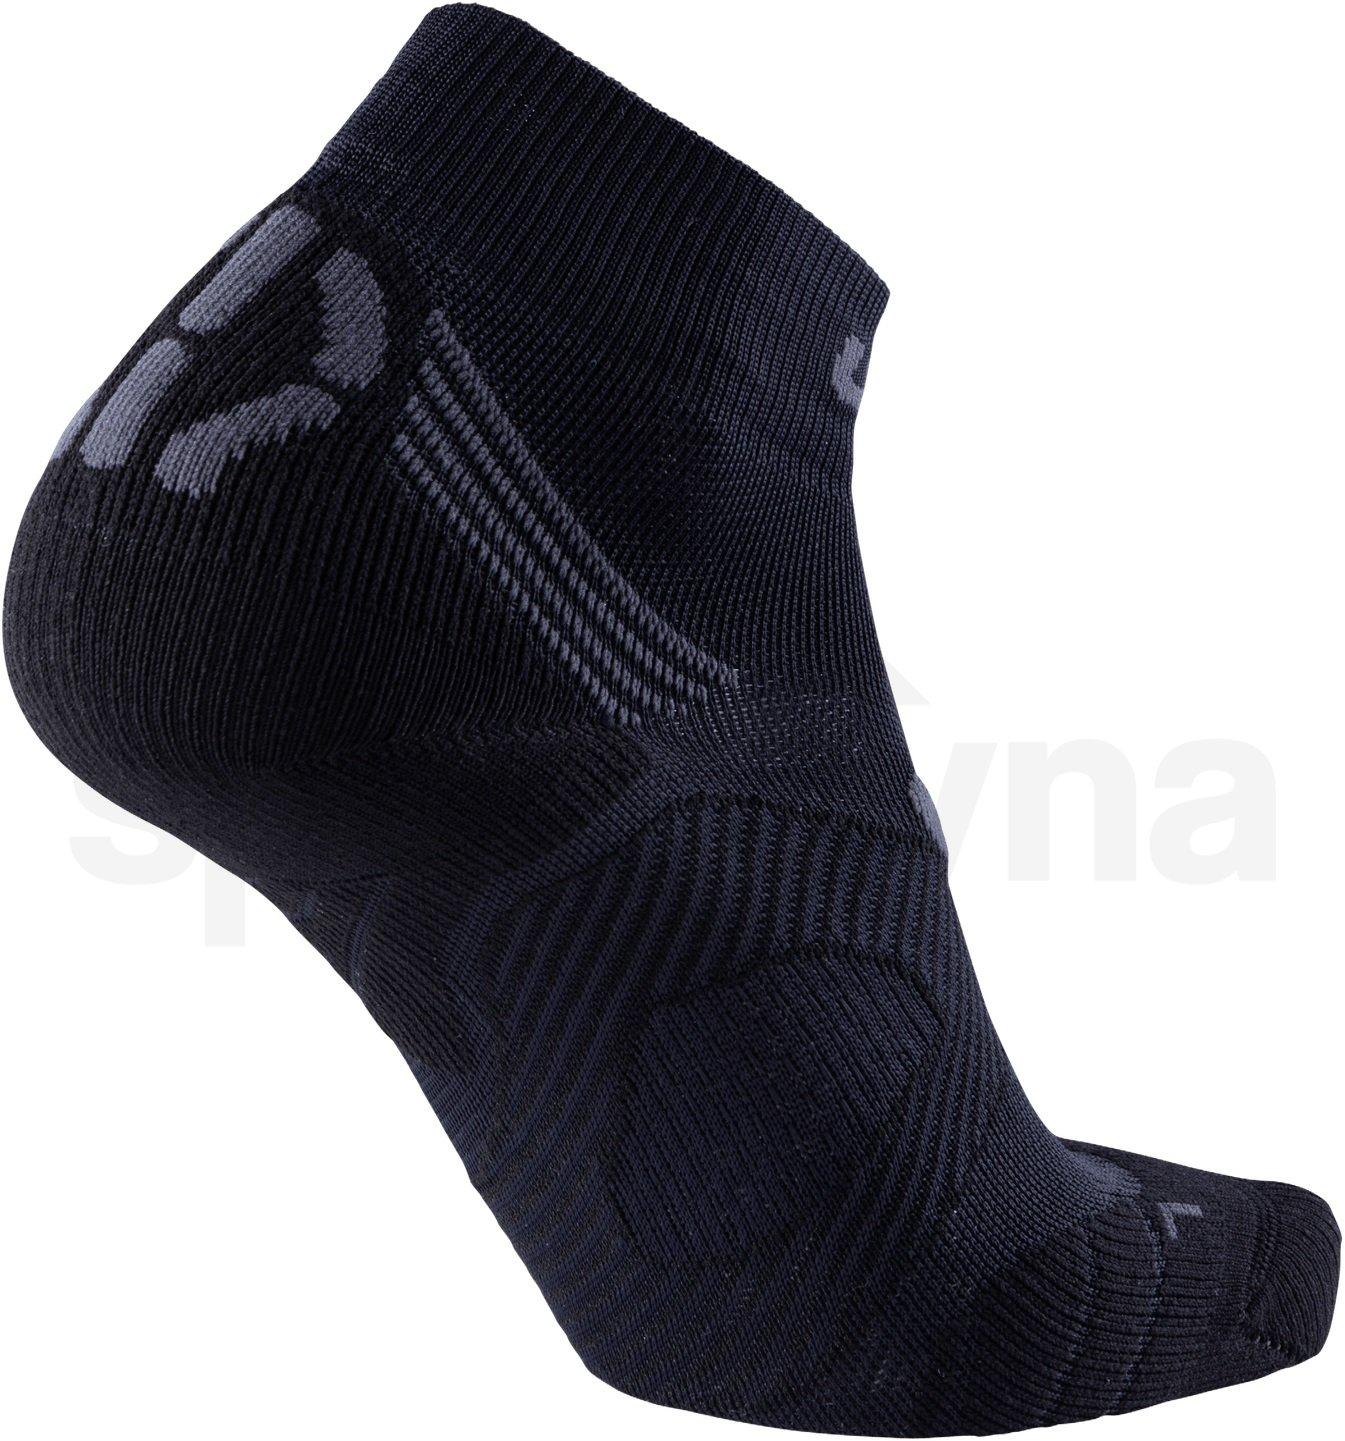 Ponožky UYN LADY RUN SUPER FAST - černá/antracit